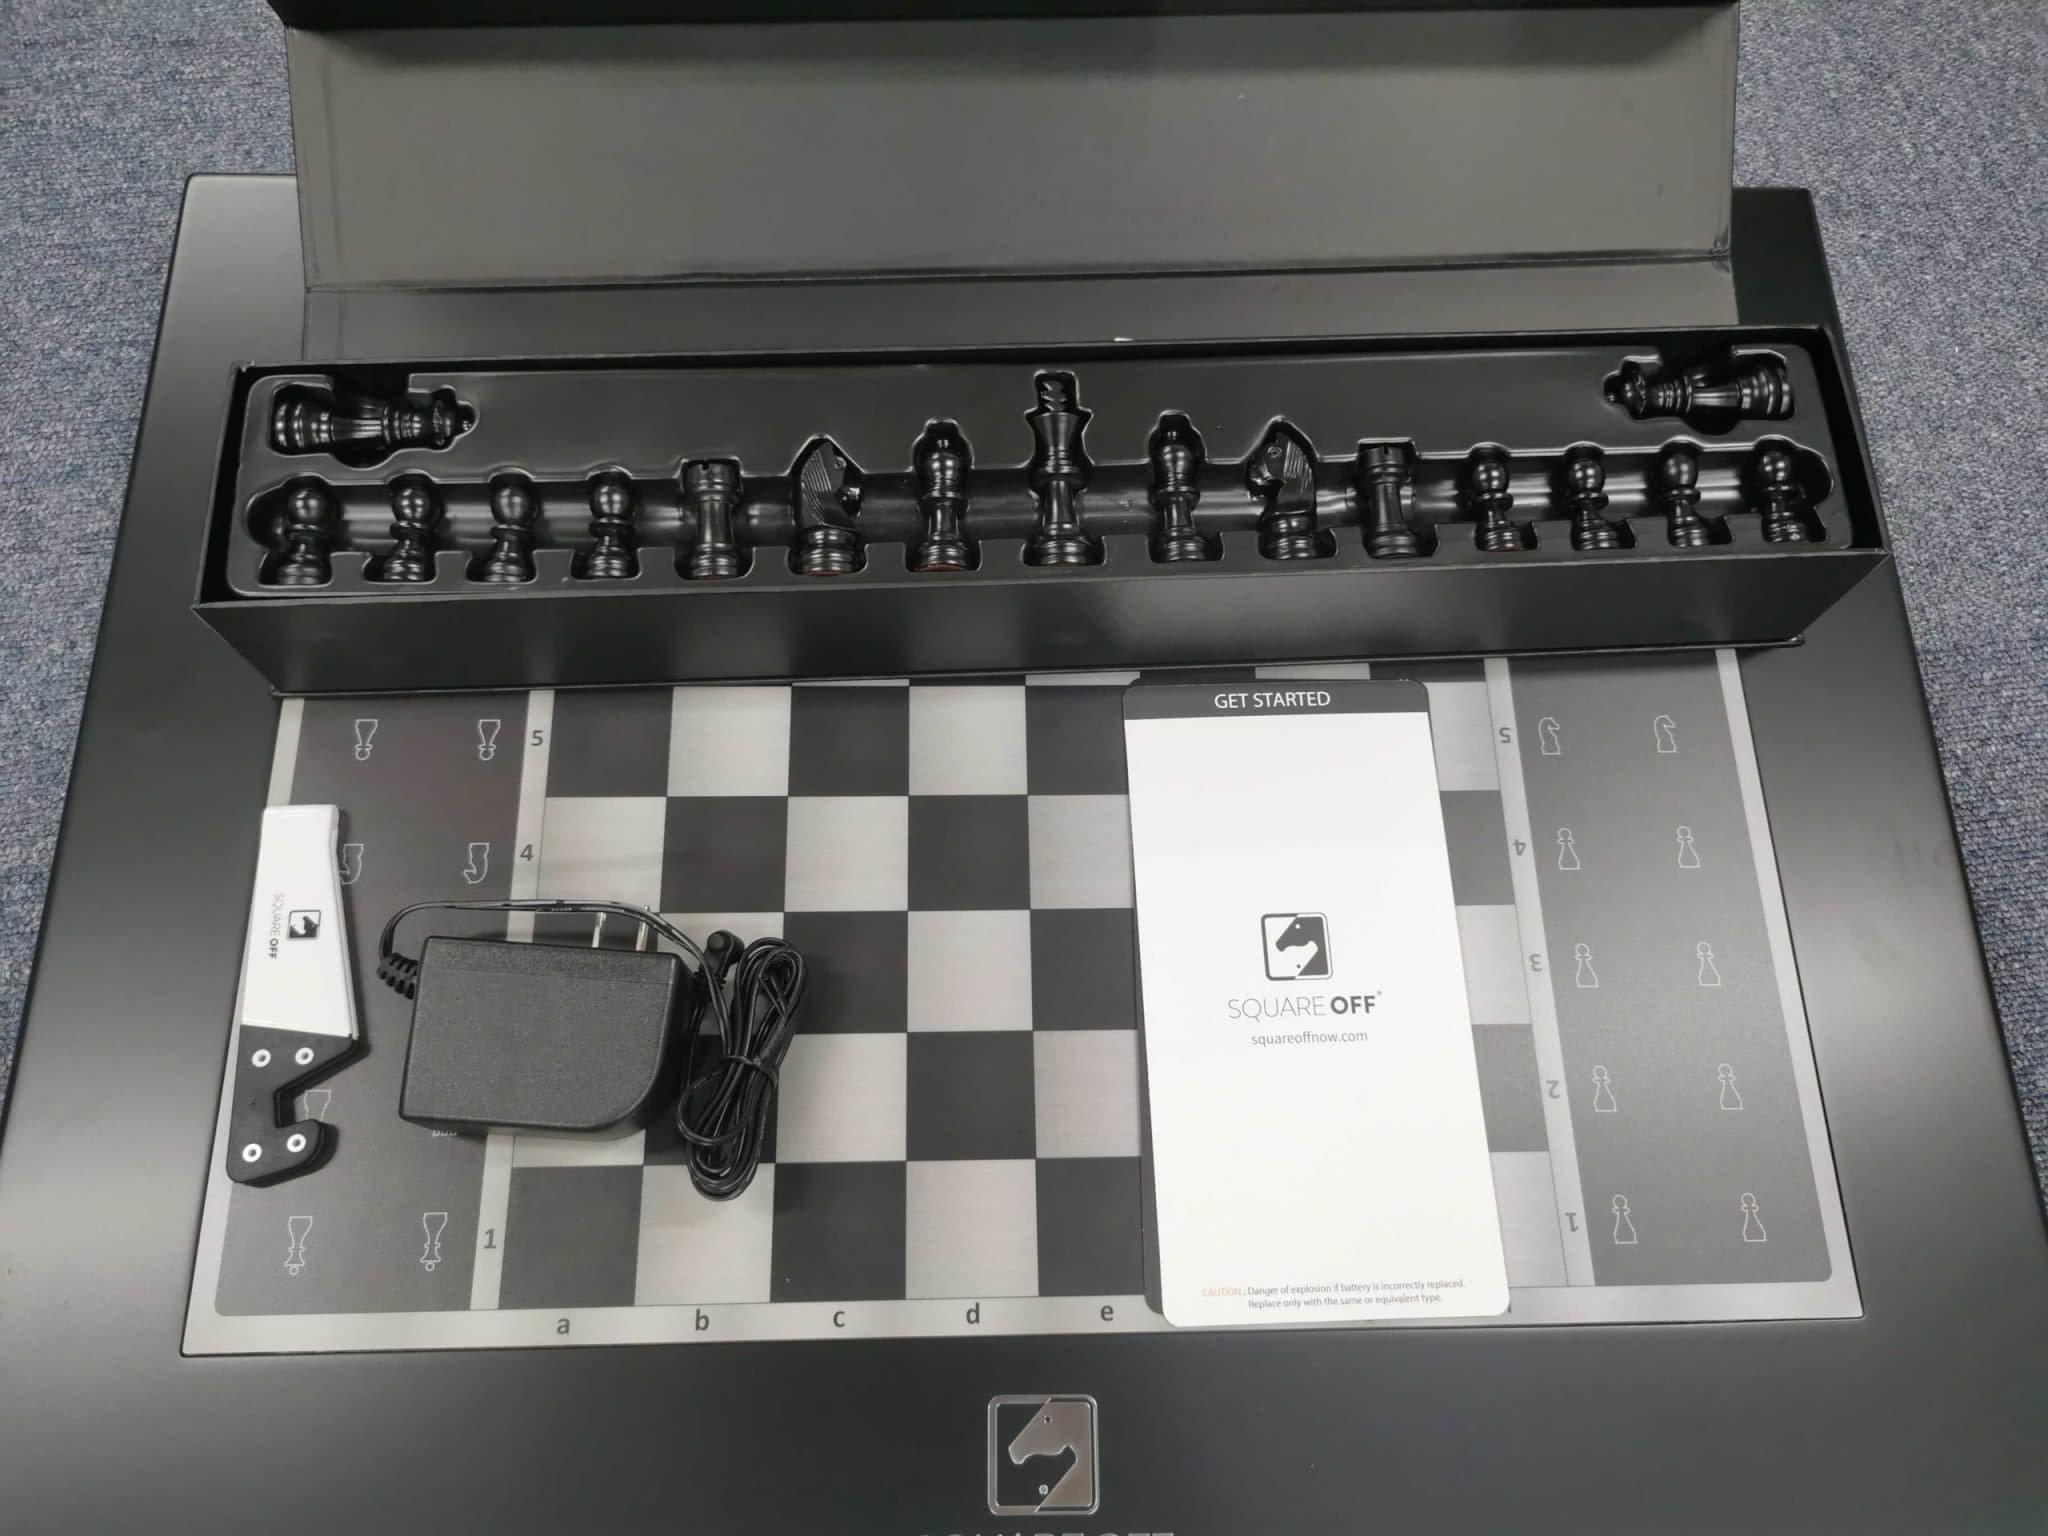 駒が魔法のように自動で動く?AI搭載スマートチェス盤「Square Off(スクエア オフ)」実機開封レビュー